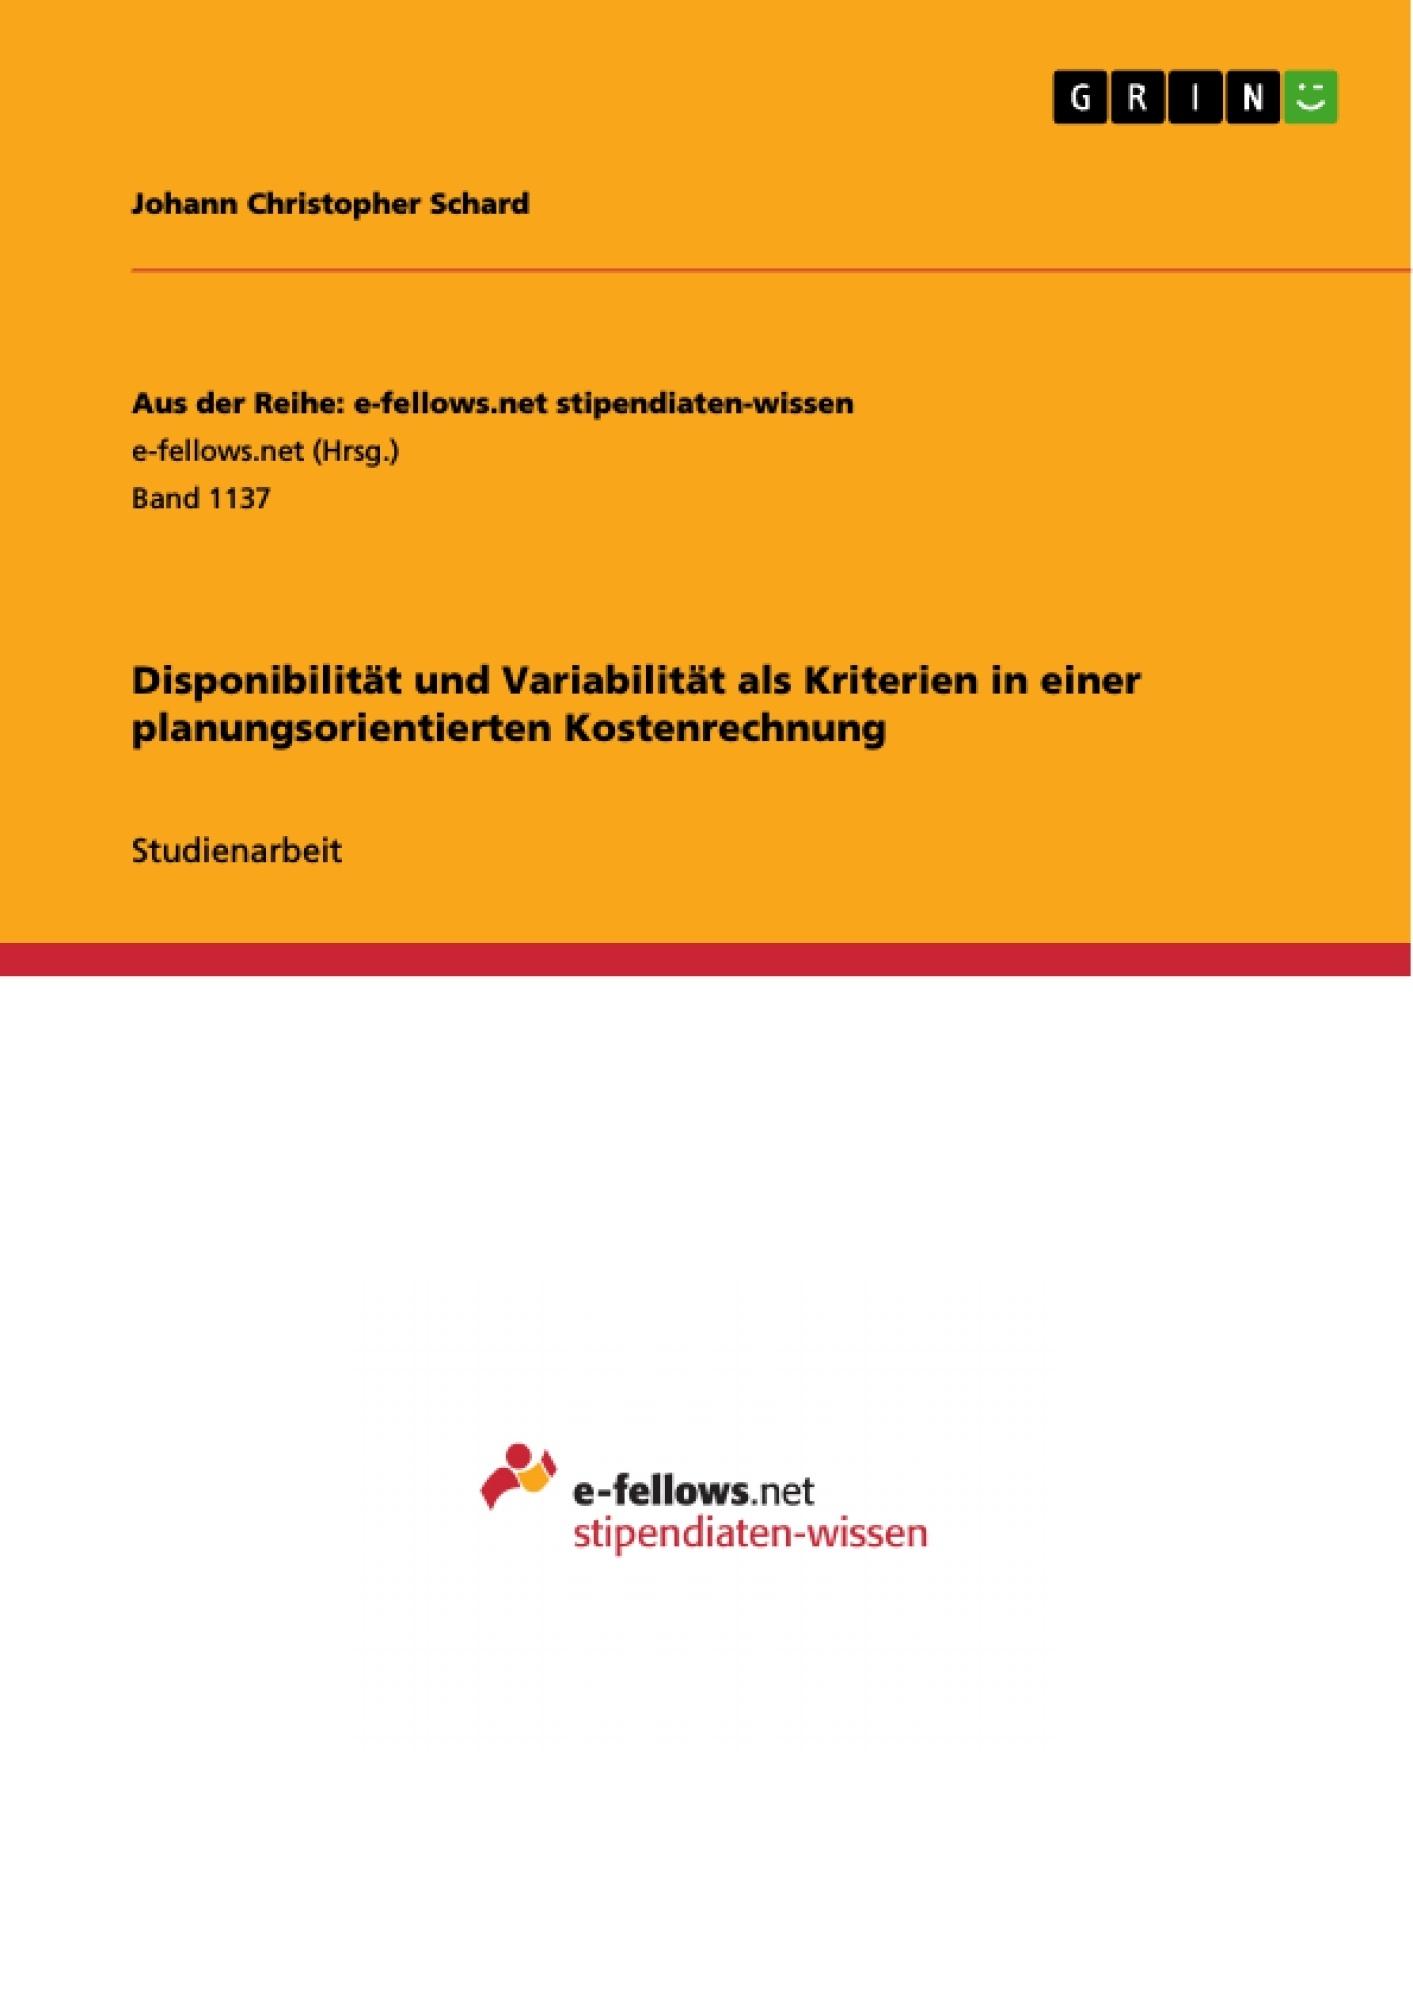 Titel: Disponibilität und Variabilität als Kriterien in einer planungsorientierten Kostenrechnung